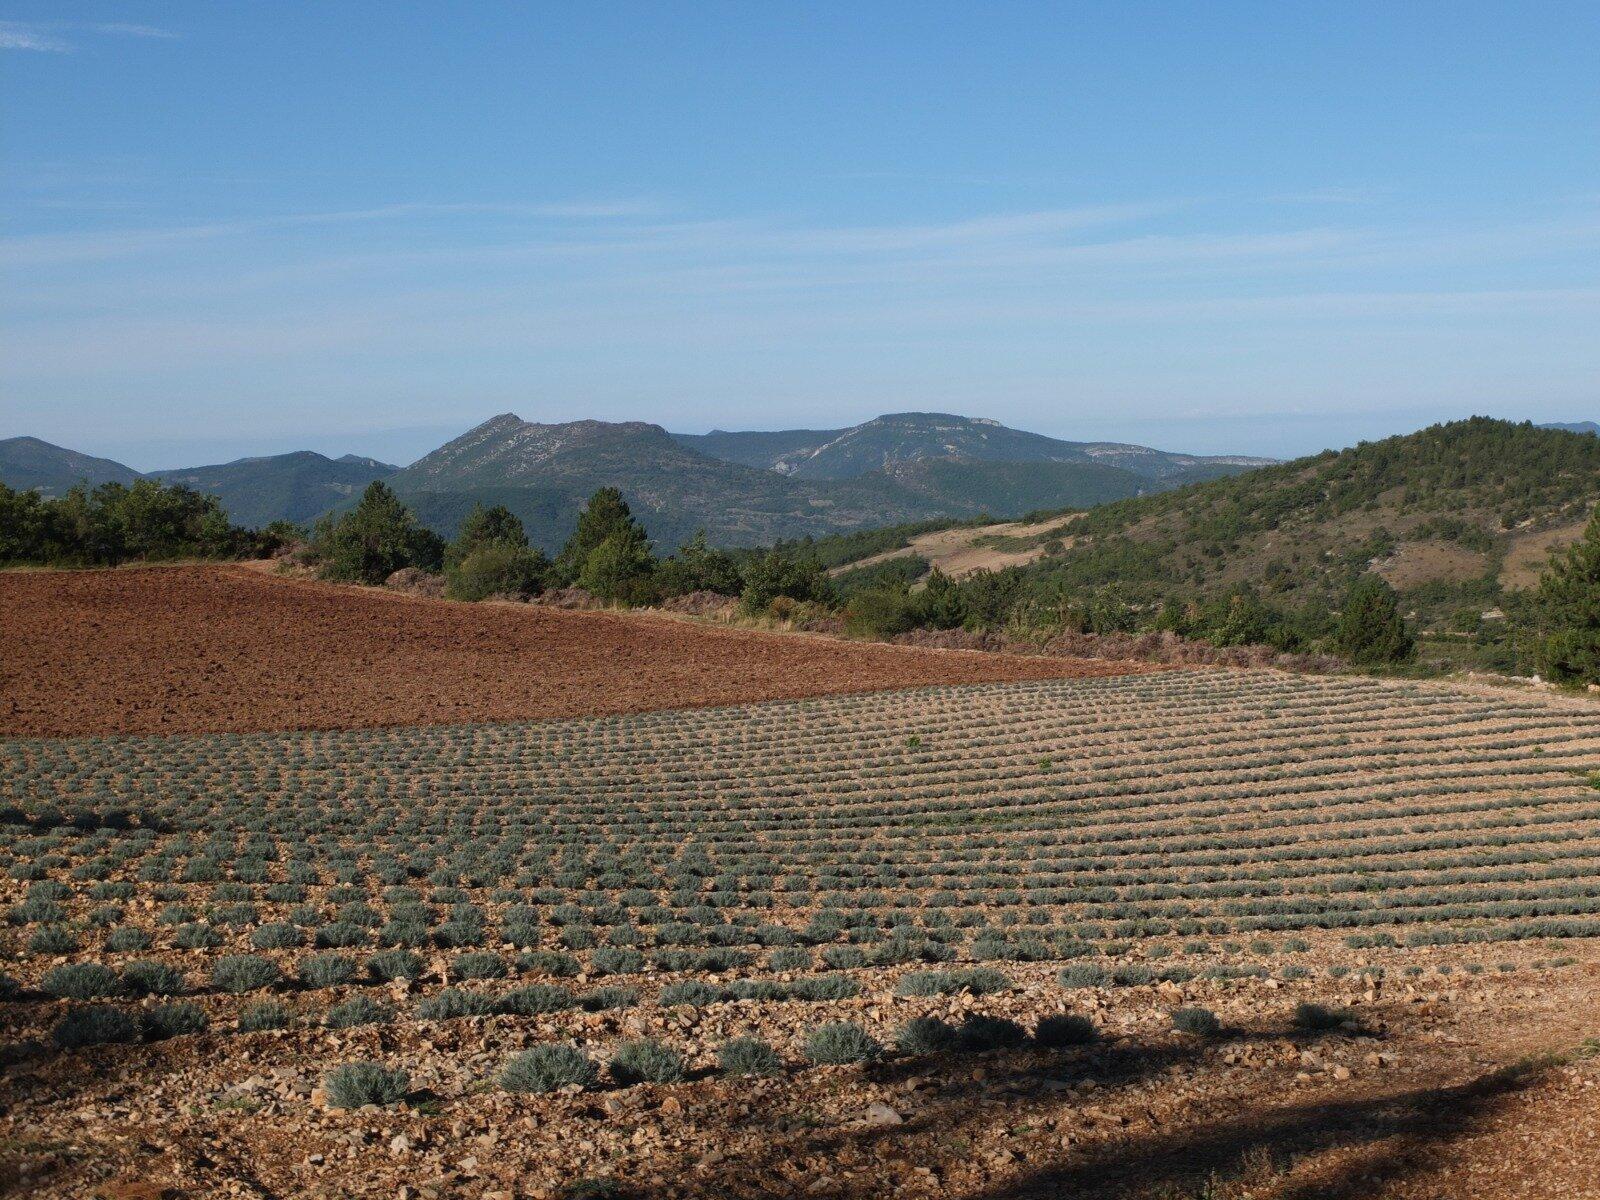 Les champs de lavandin sont en extension